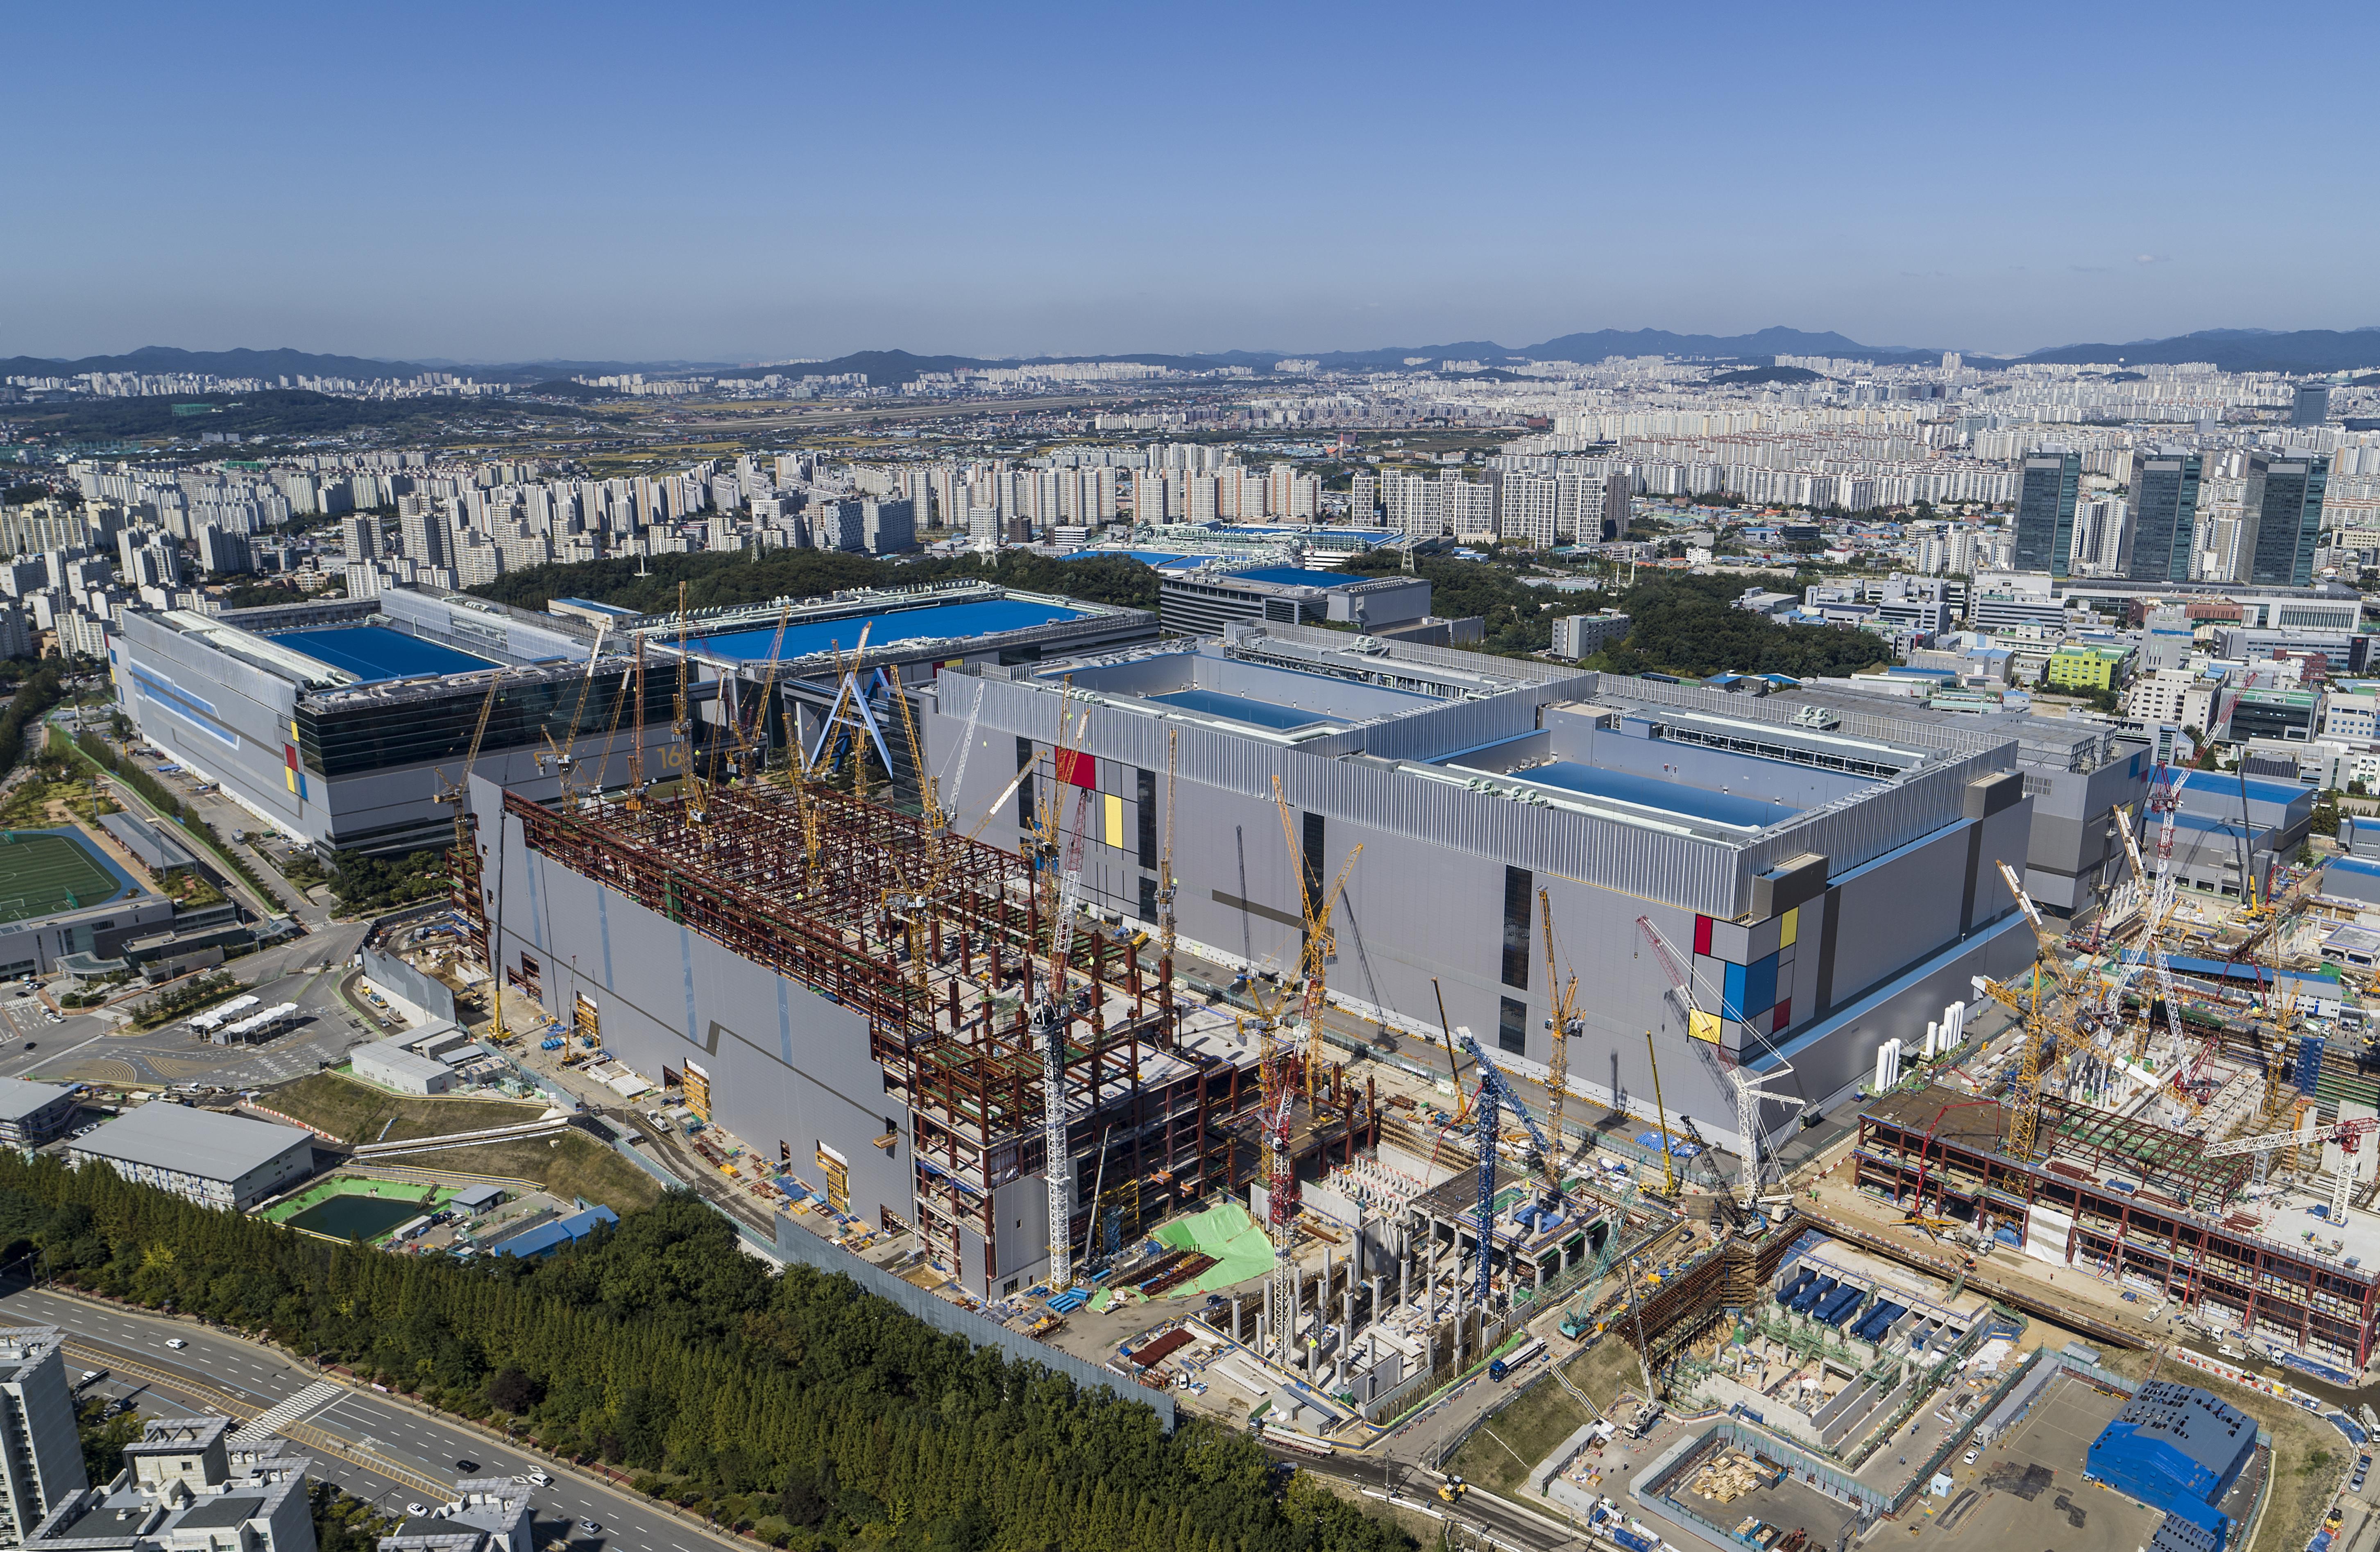 Эра EUV началась: Samsung приступила к выпуску 7-нм EUV чипов